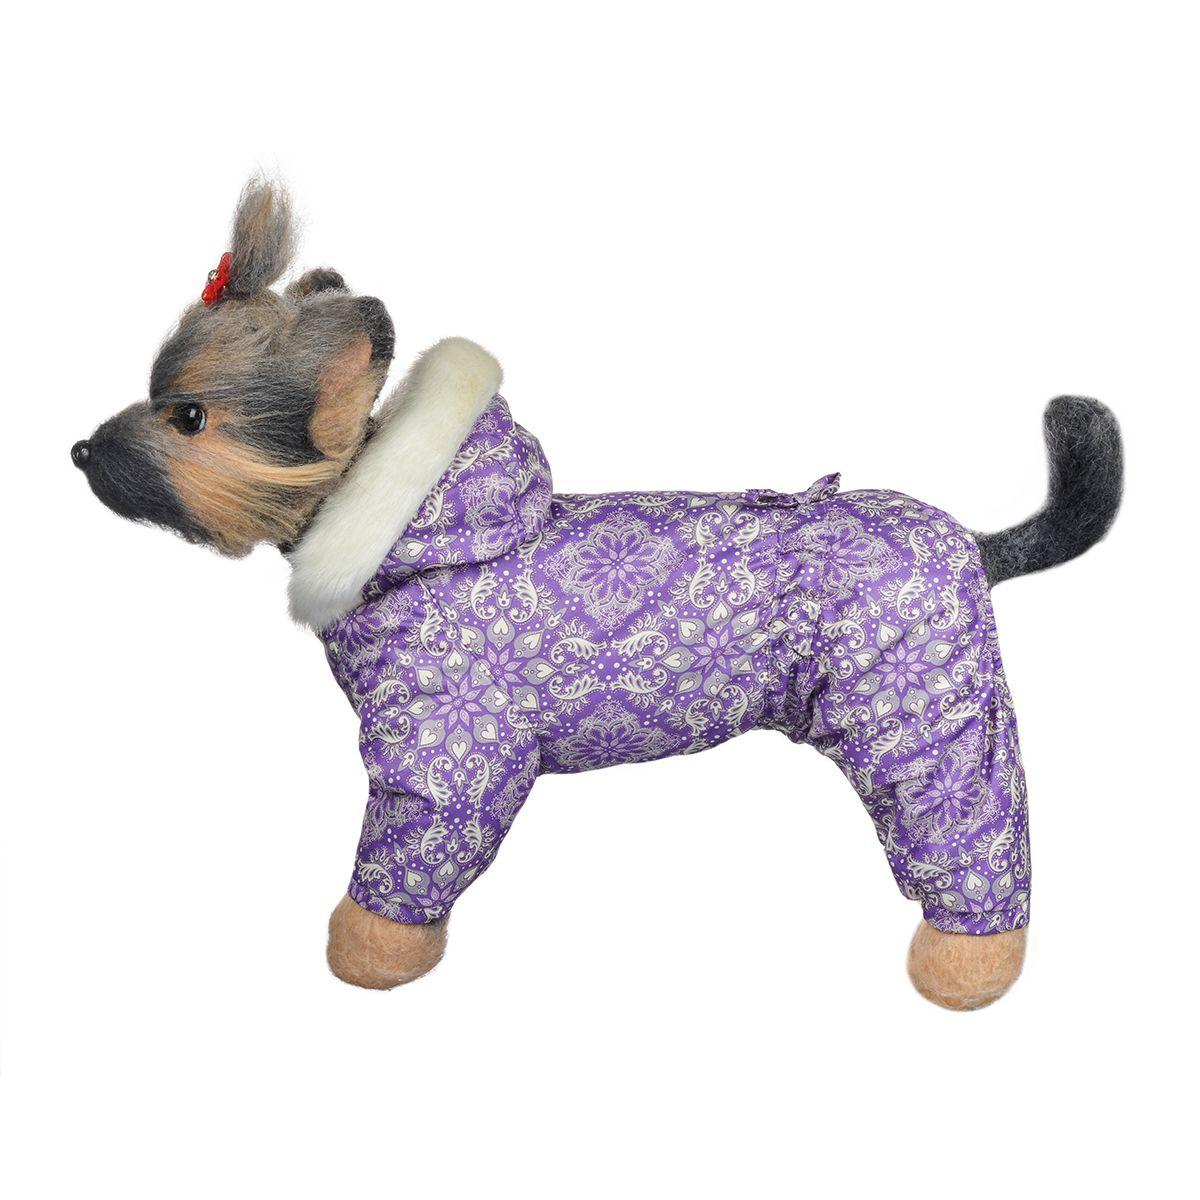 Комбинезон для собак Dogmoda Winter, зимний, для девочки, цвет: фиолетовый, белый, серый. Размер 2 (M)DM-150335-2Зимний комбинезон для собак Dogmoda Winter отлично подойдет для прогулок в зимнее время года. Комбинезон изготовлен из полиэстера, защищающего от ветра и снега, с утеплителем из синтепона, который сохранит тепло даже в сильные морозы, а на подкладке используется искусственный мех, который обеспечивает отличный воздухообмен. Комбинезон с капюшоном застегивается на кнопки, благодаря чему его легко надевать и снимать. Капюшон украшен искусственным мехом и не отстегивается. Низ рукавов и брючин оснащен внутренними резинками, которые мягко обхватывают лапки, не позволяя просачиваться холодному воздуху. На пояснице комбинезон затягивается на шнурок-кулиску. Благодаря такому комбинезону простуда не грозит вашему питомцу.